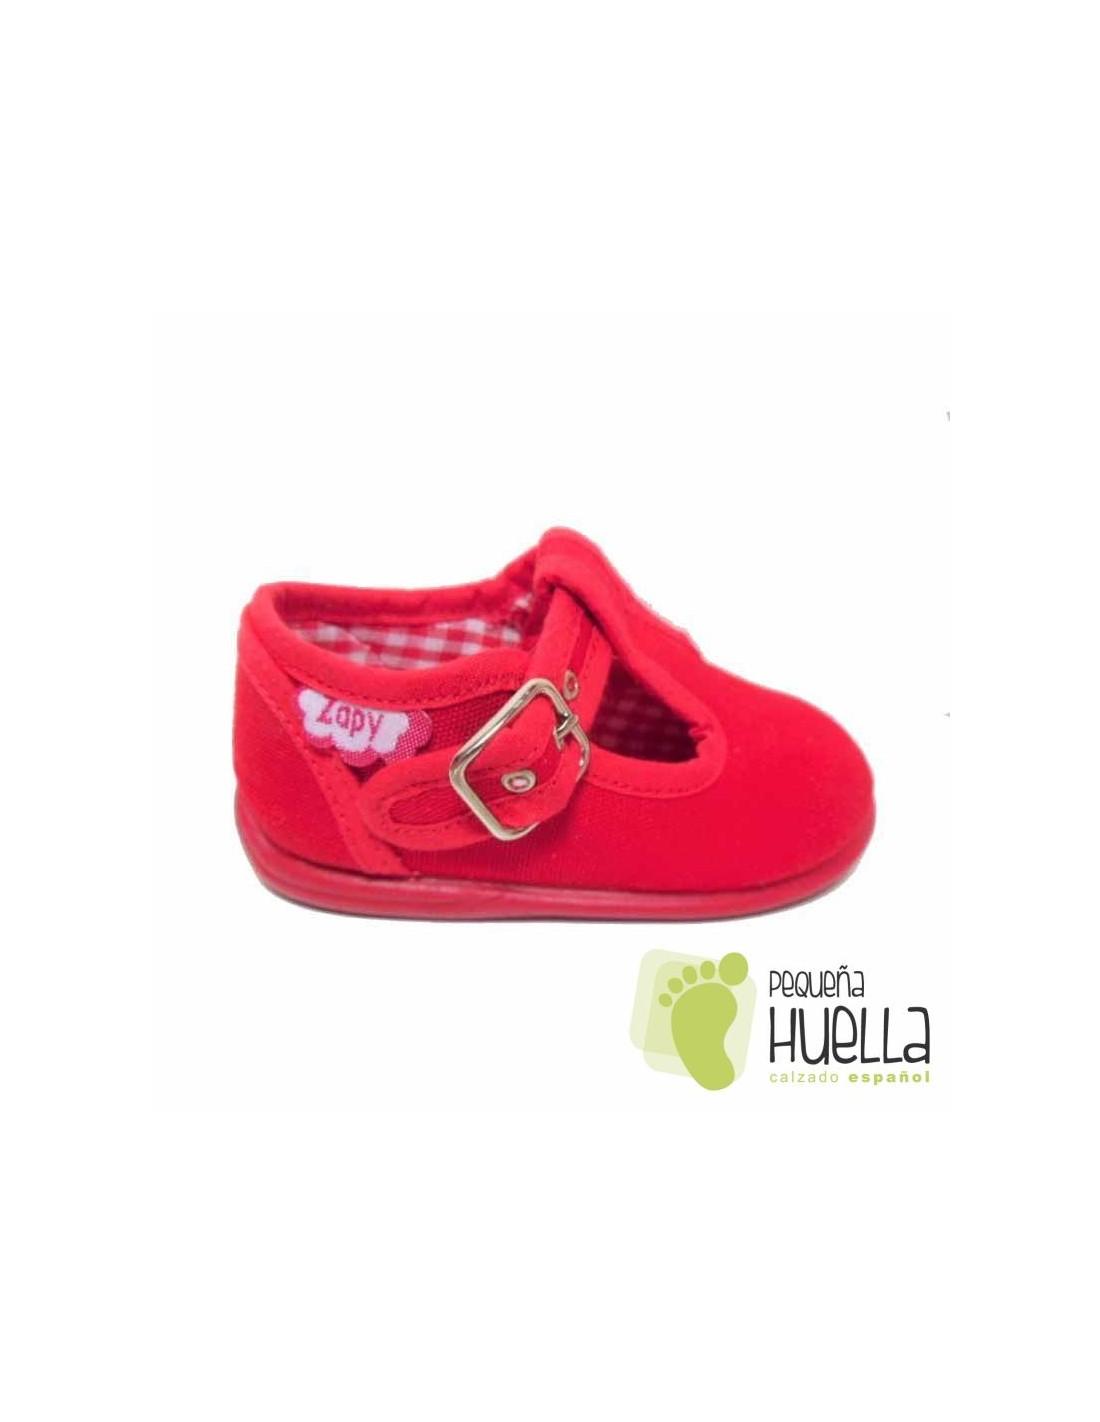 e4642de27e2 ... Pepitos Sandalias zapatos de Lona rojas Zapy con hebilla bebes